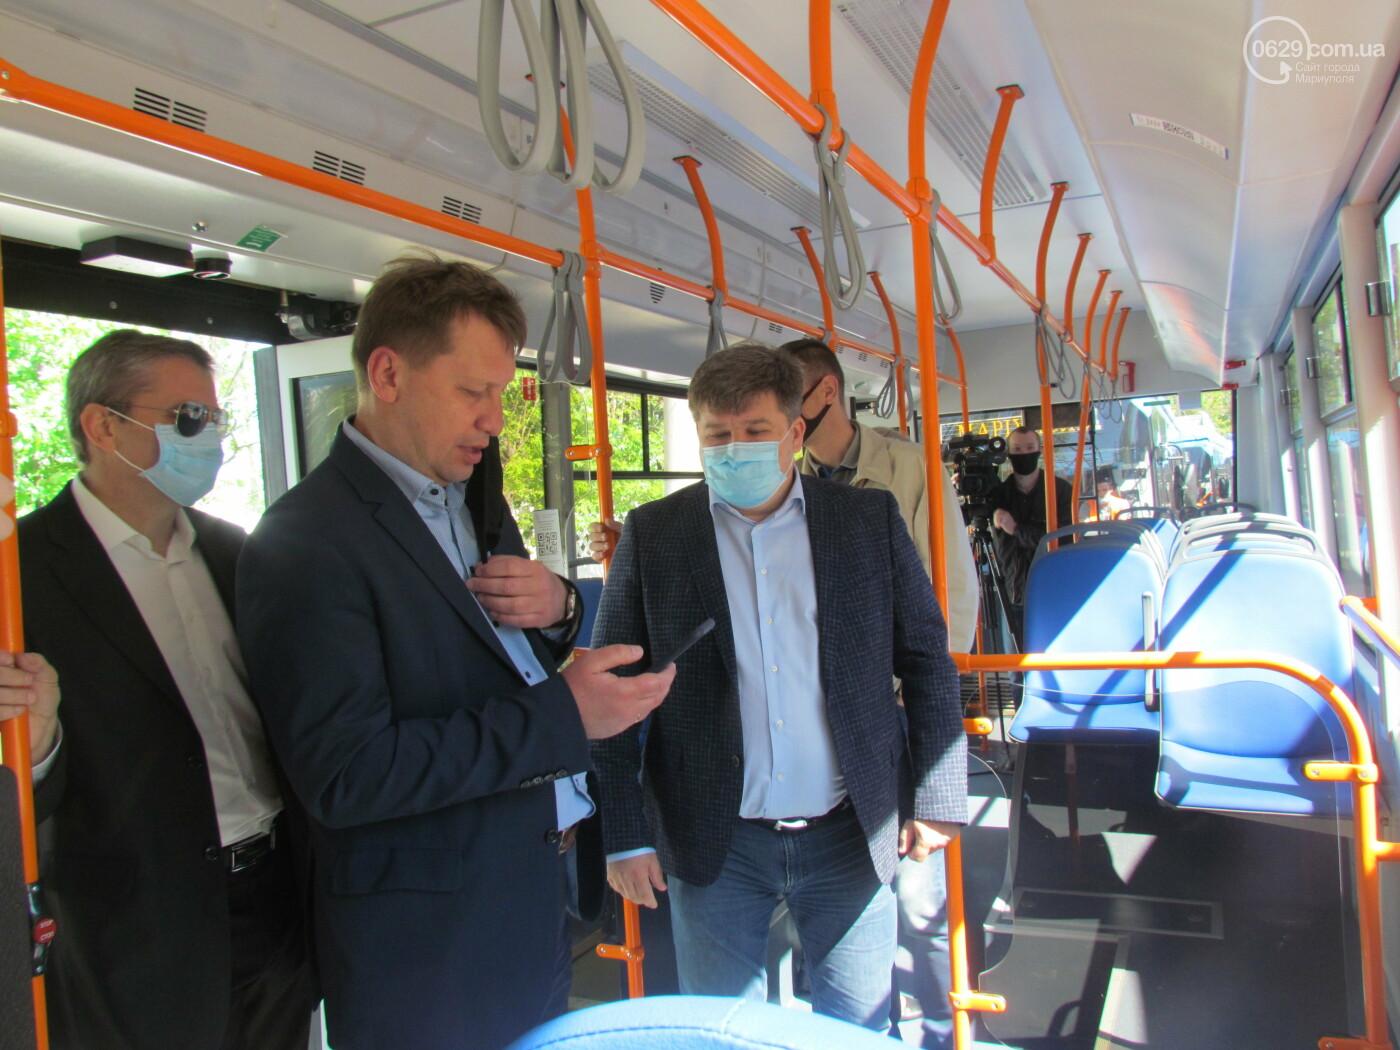 В Мариуполе запустили новый троллейбусный маршрут  , - ФОТО, фото-5